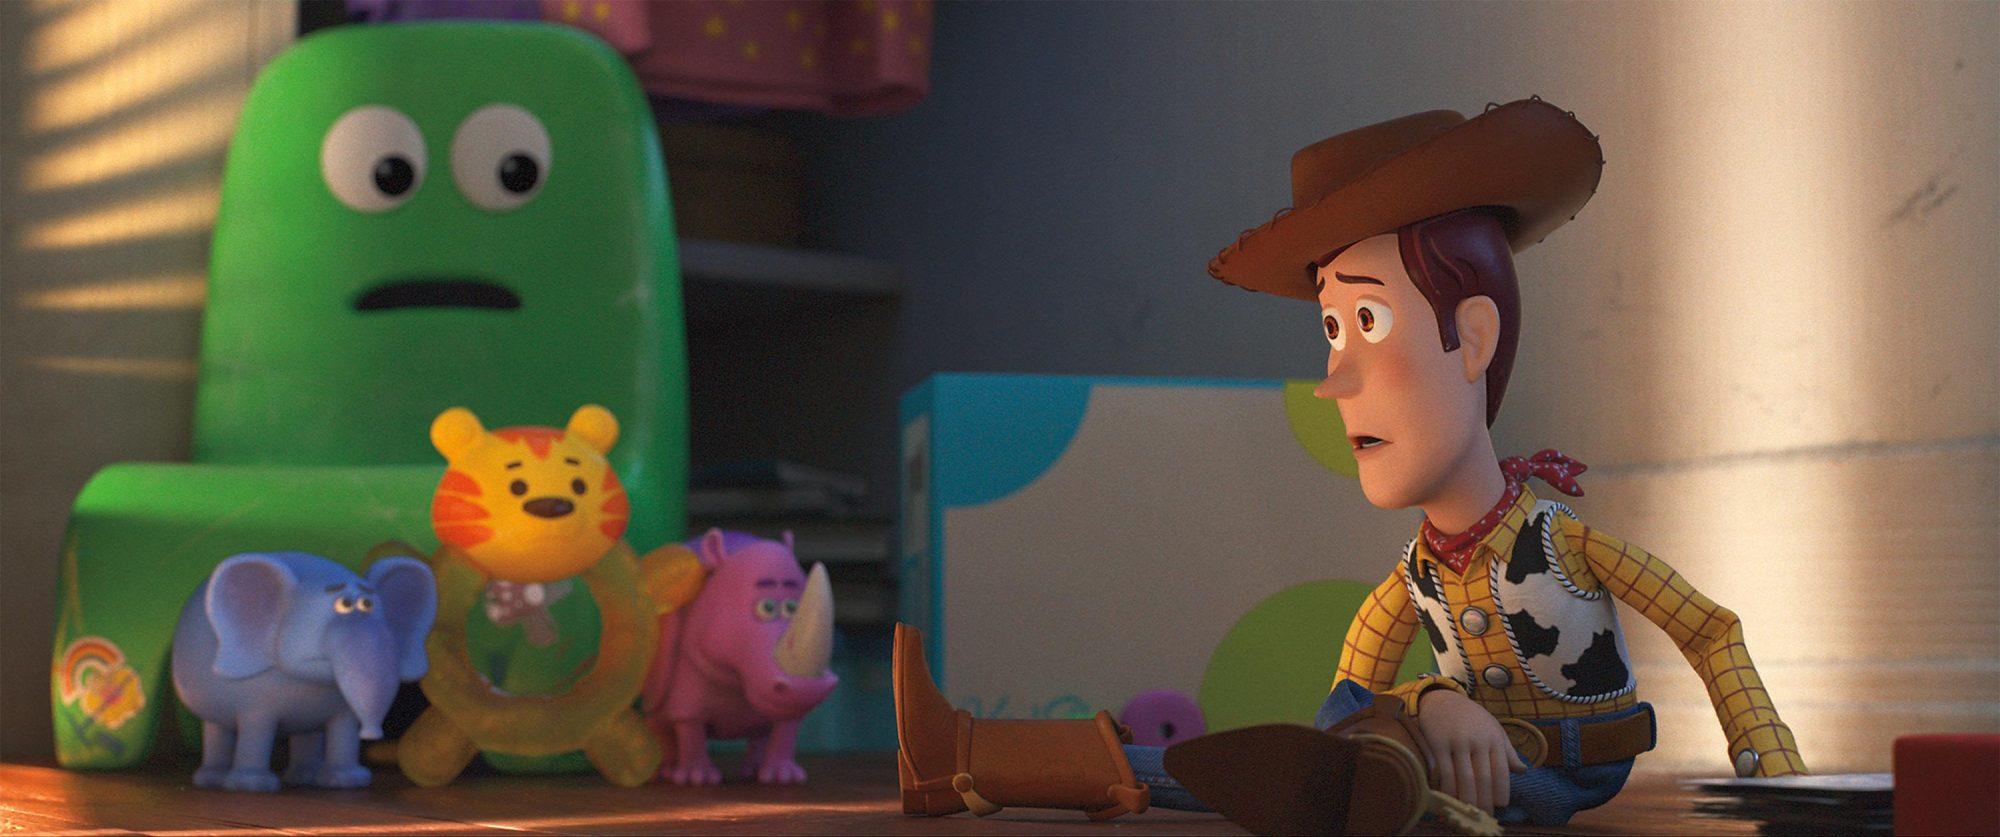 Toy Story 4 (2019) Tom Hanks as Woody CR: Disney/Pixar